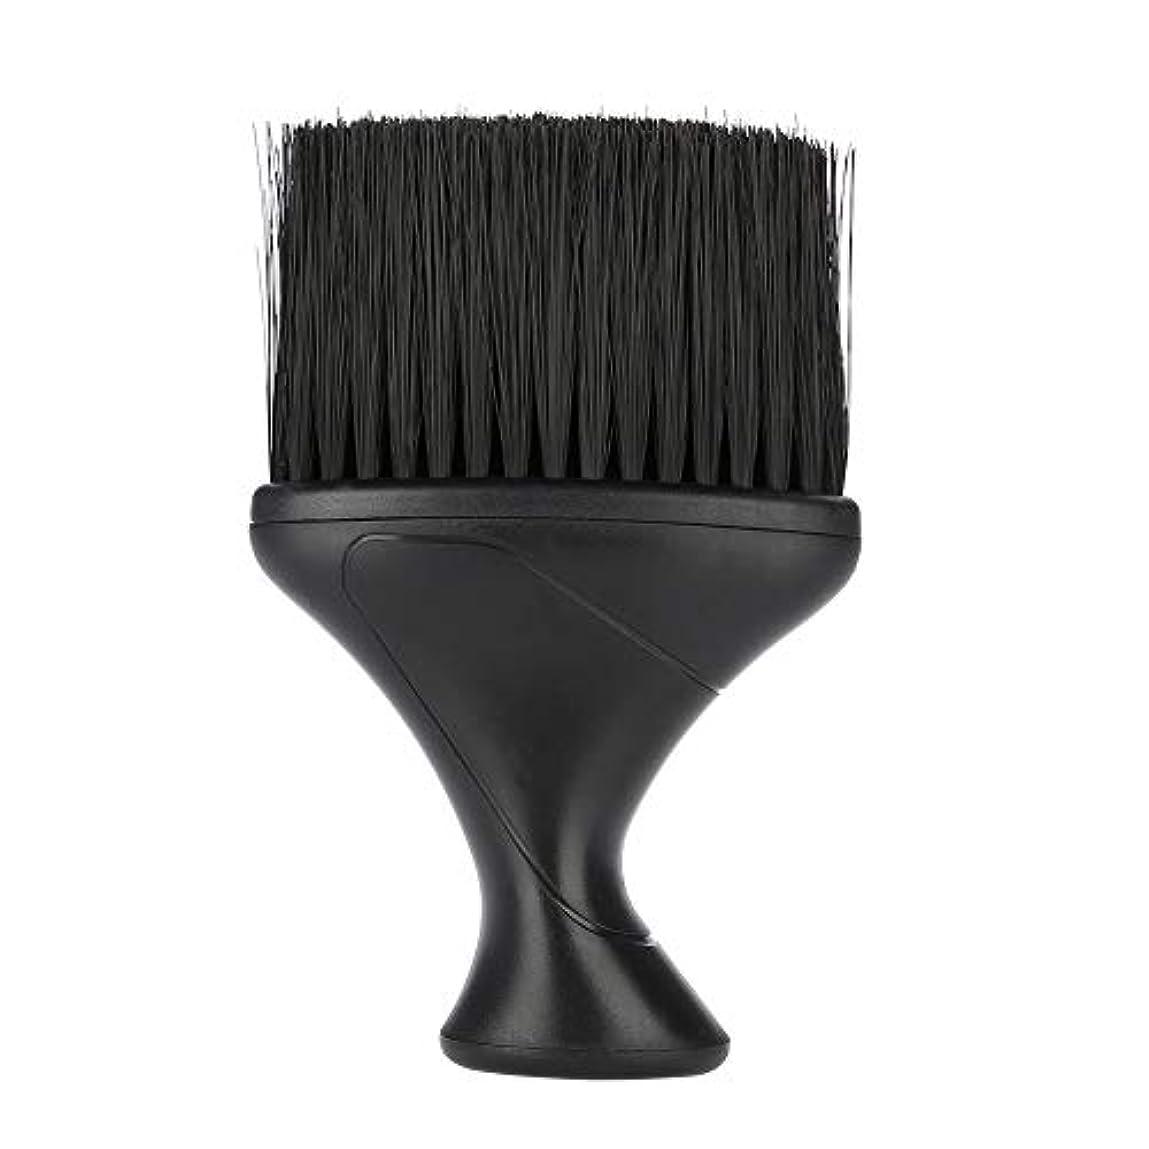 休暇マニュアルイデオロギーヘアブラシソフトヘアブラシネックダスター理髪ヘアカットスタイリングクリーニングブラシ